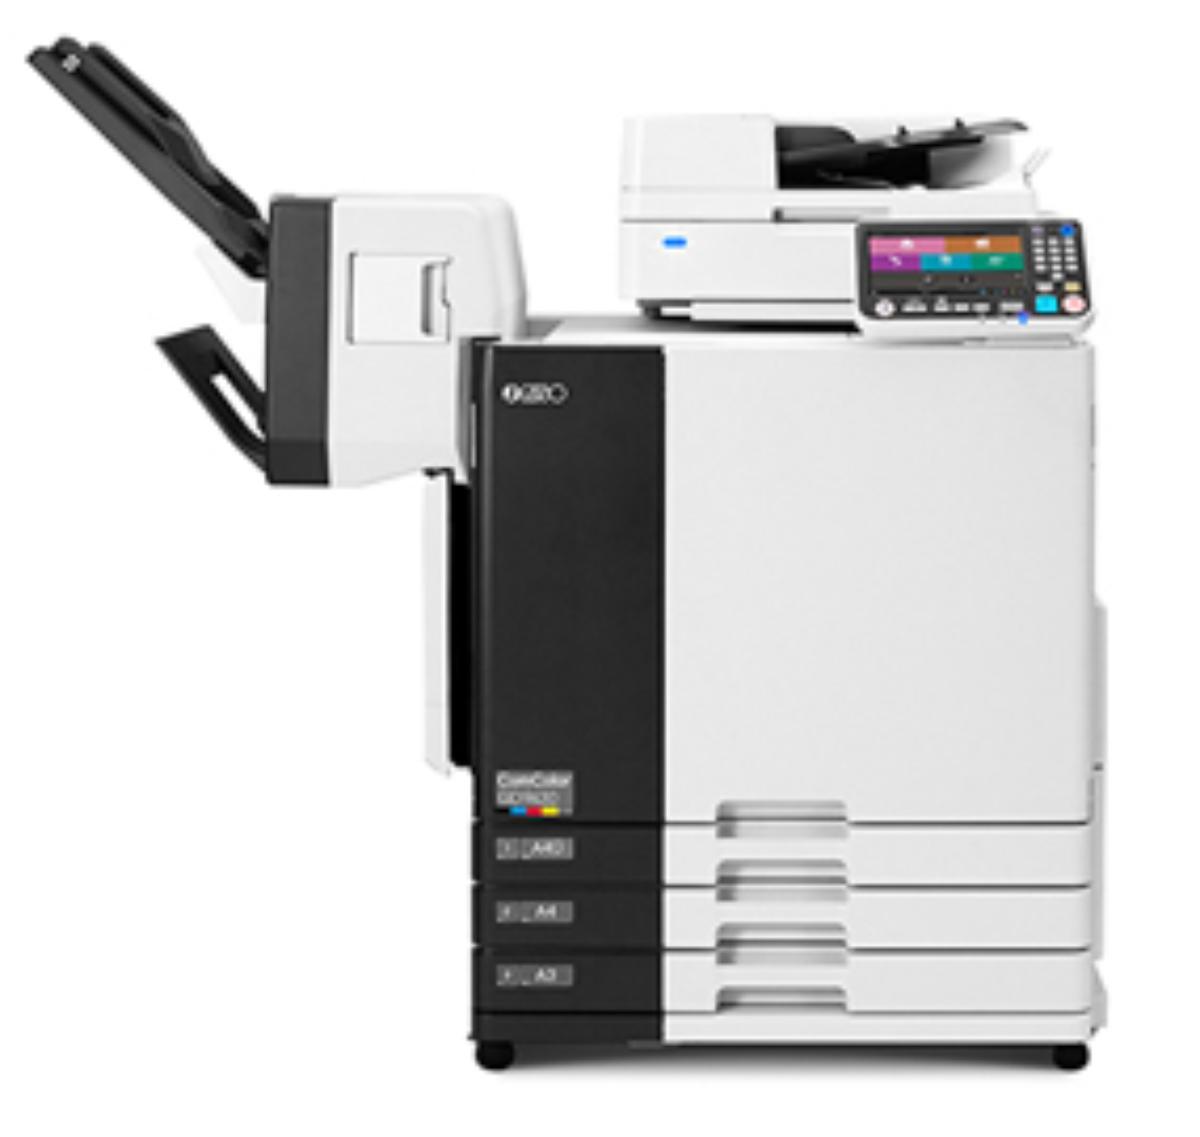 Printere og MFP